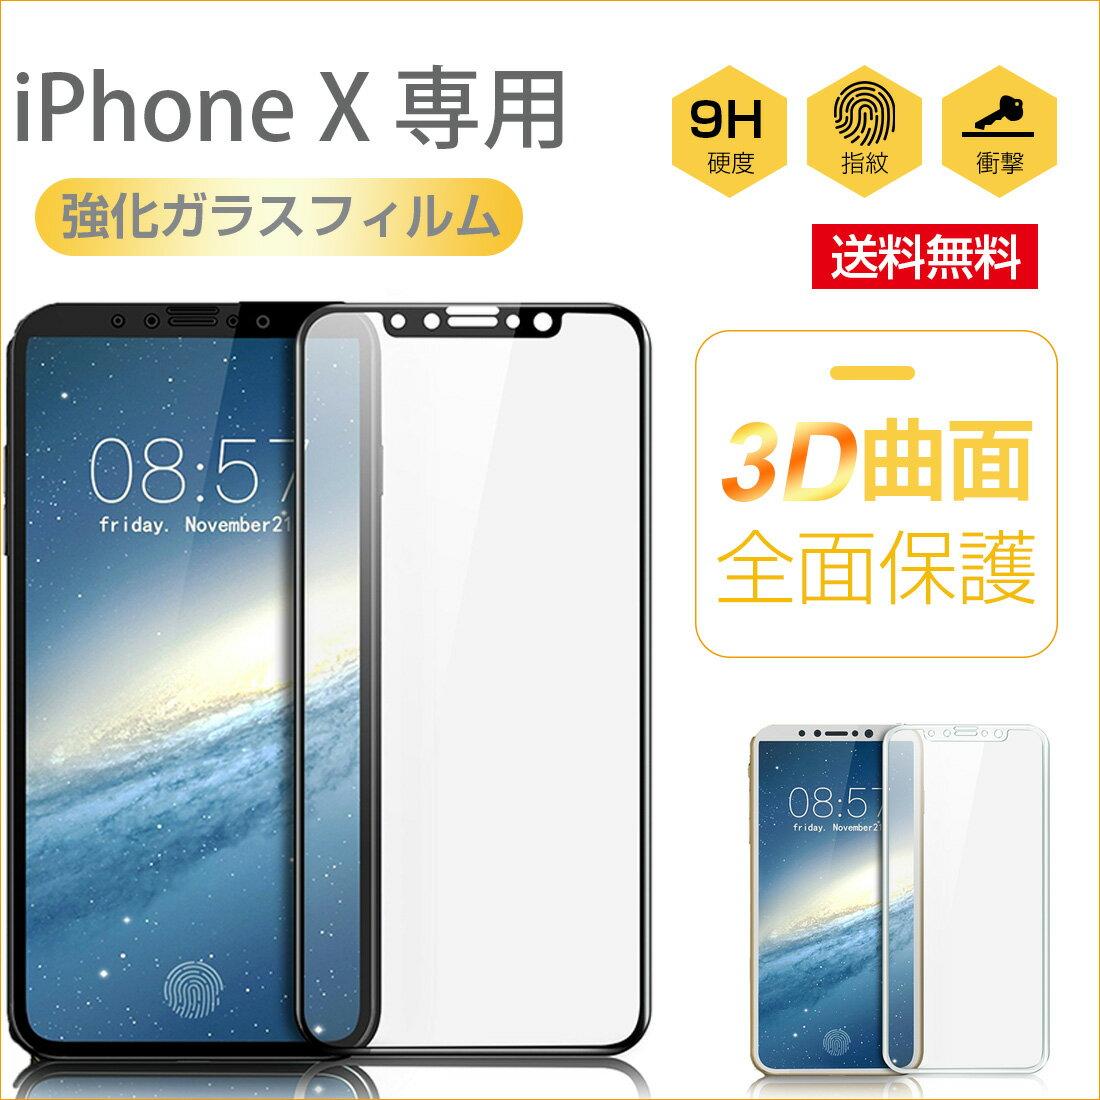 iPhone X 強化ガラスフィルム 全面保護 iPhoneX フルカバー Apple iPhone x ガラスフィルム アイフォン テン 画面液晶 保護ガラスフィルム 3D 曲面 アイフォンX 保護シール 5.8インチ 飛散防止 耐衝撃 送料無料